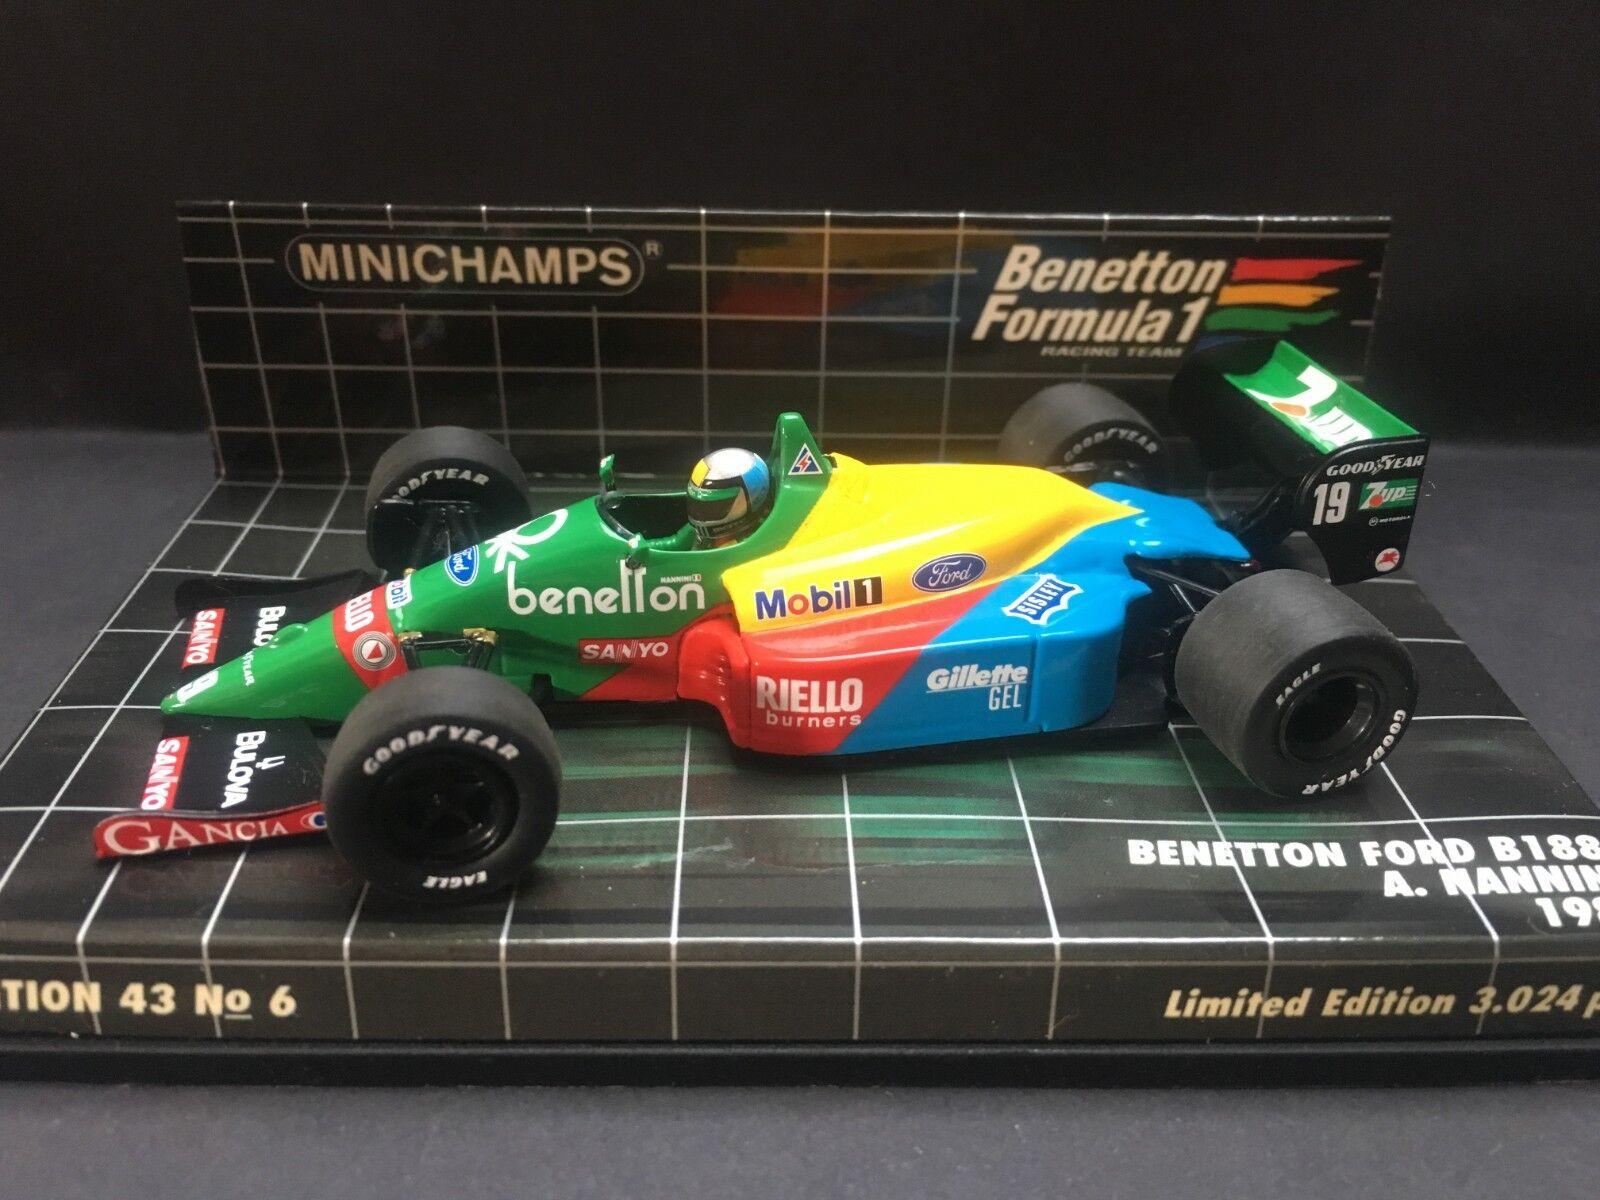 Minichamps - Alessandro Nannini - Benetton - B188 - 1 43 - 1989